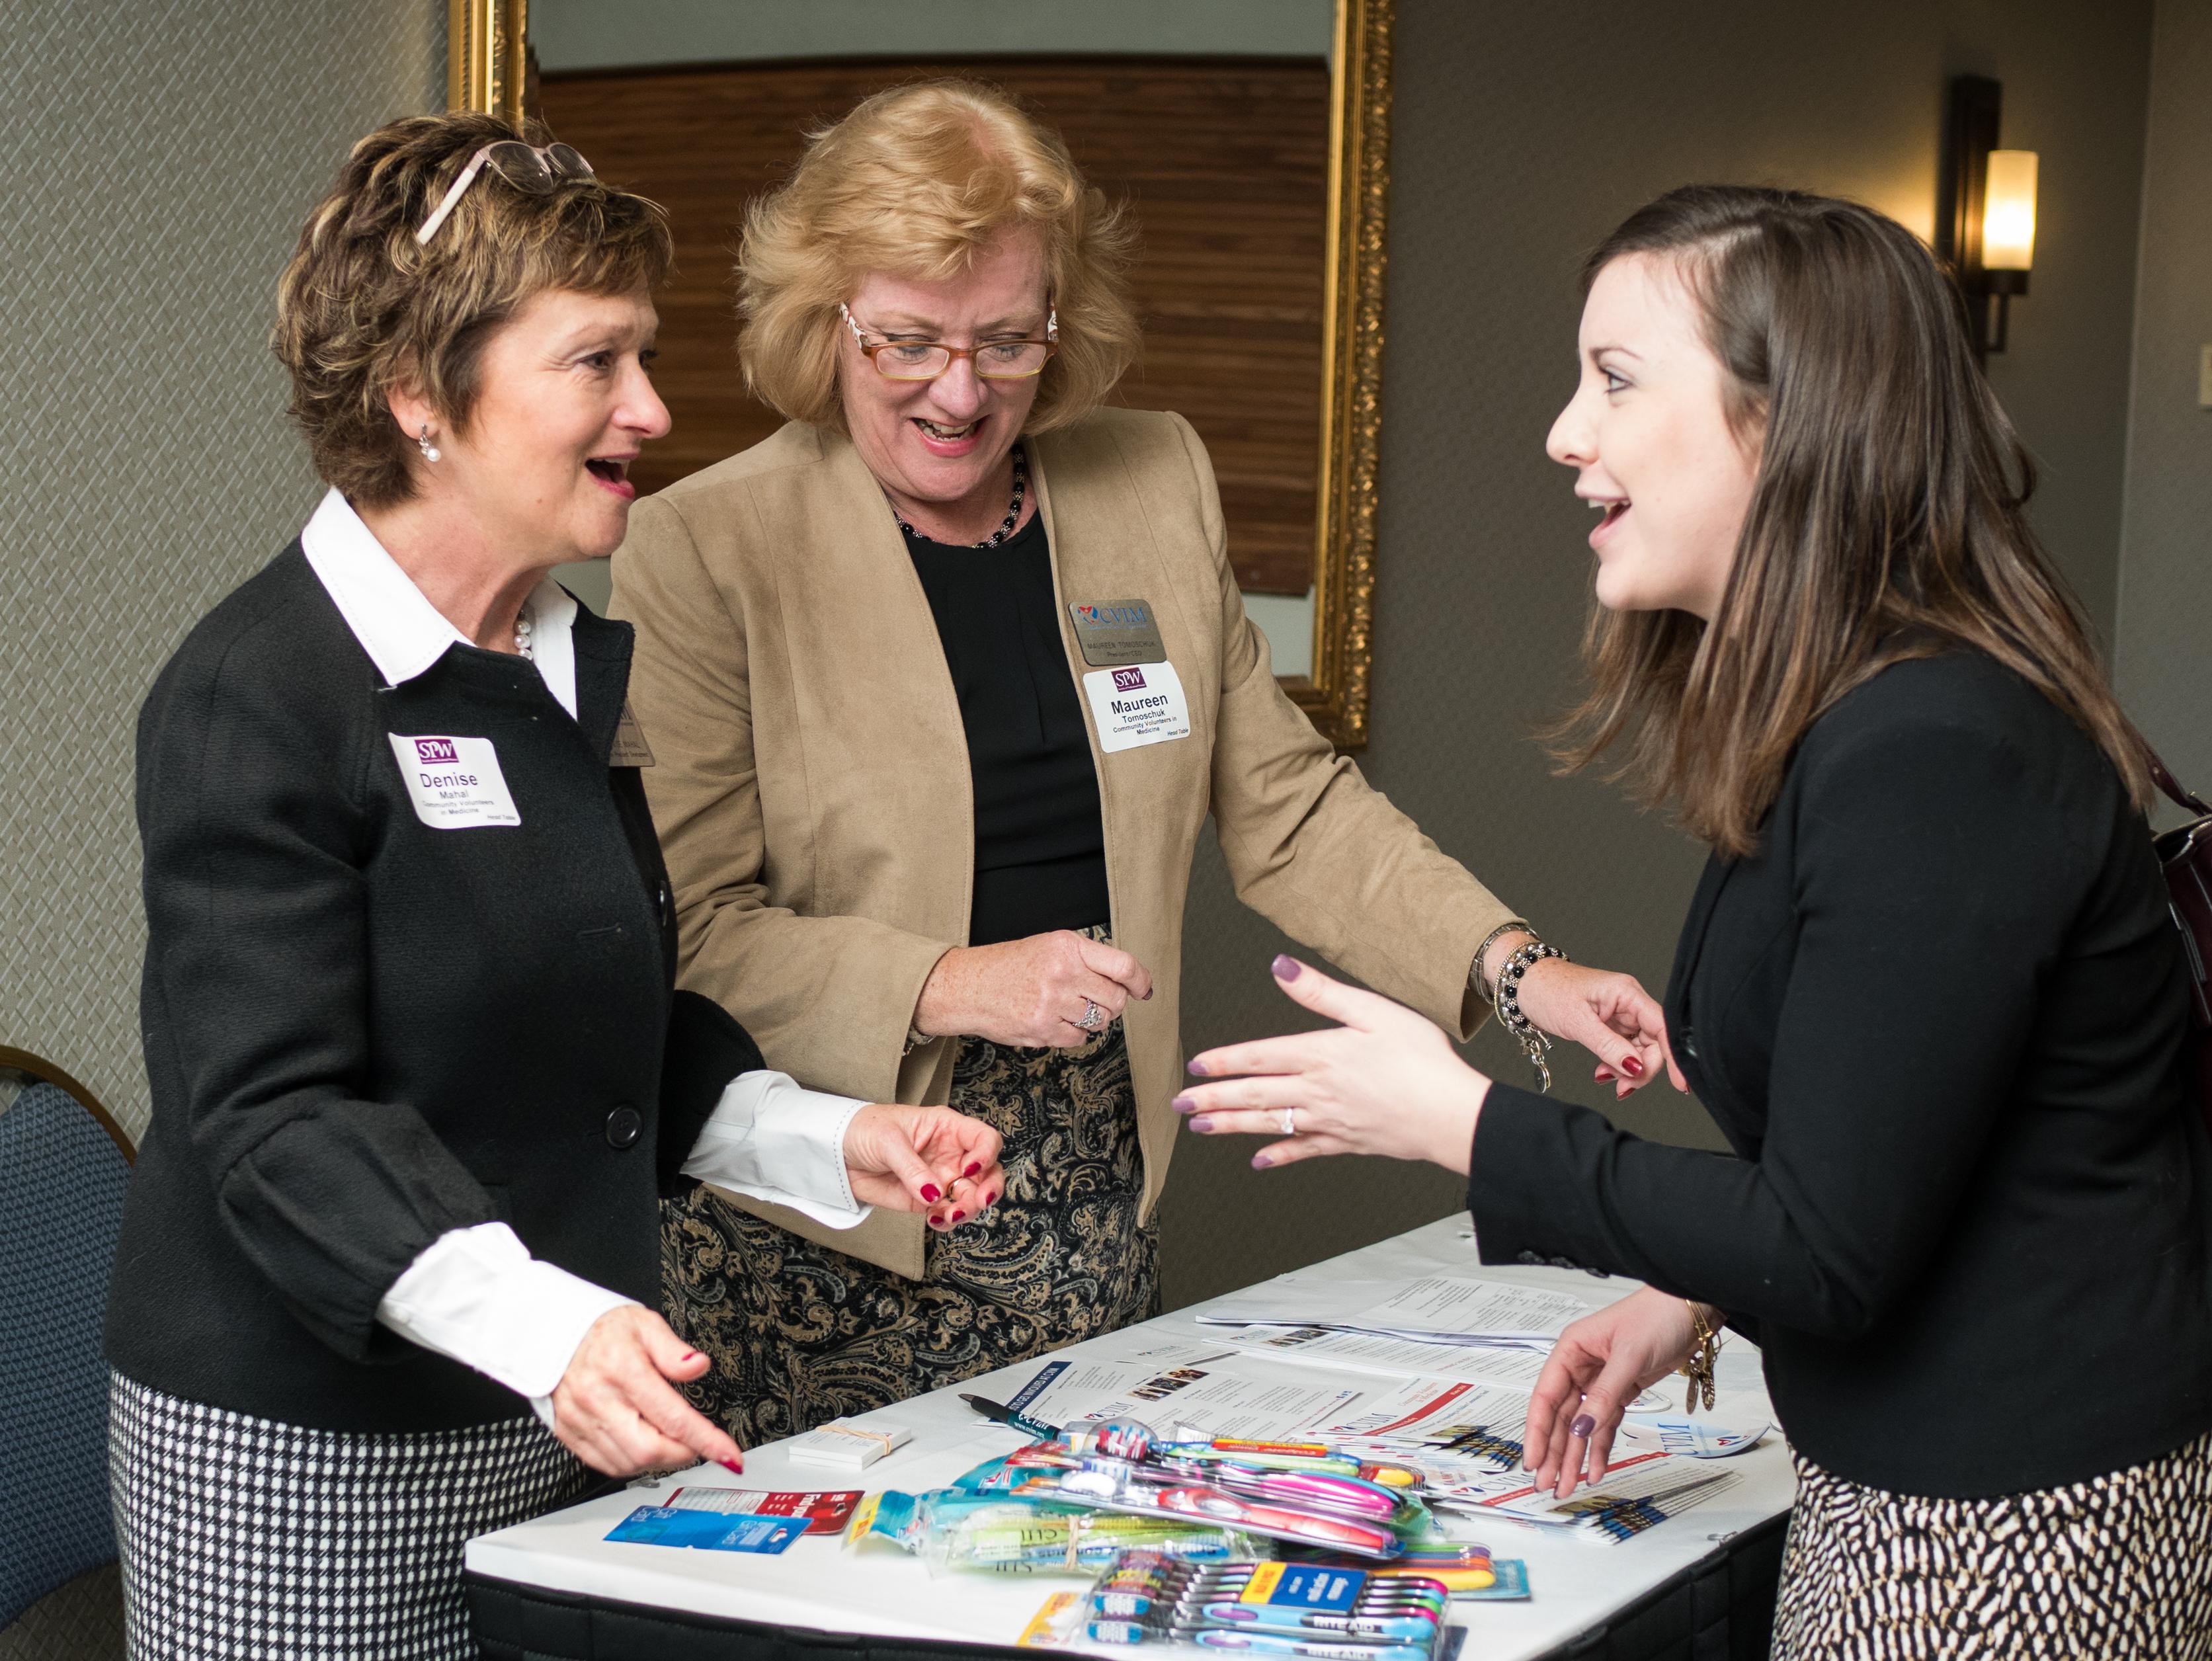 Featured Non-Profit: Community Volunteers in Medicine